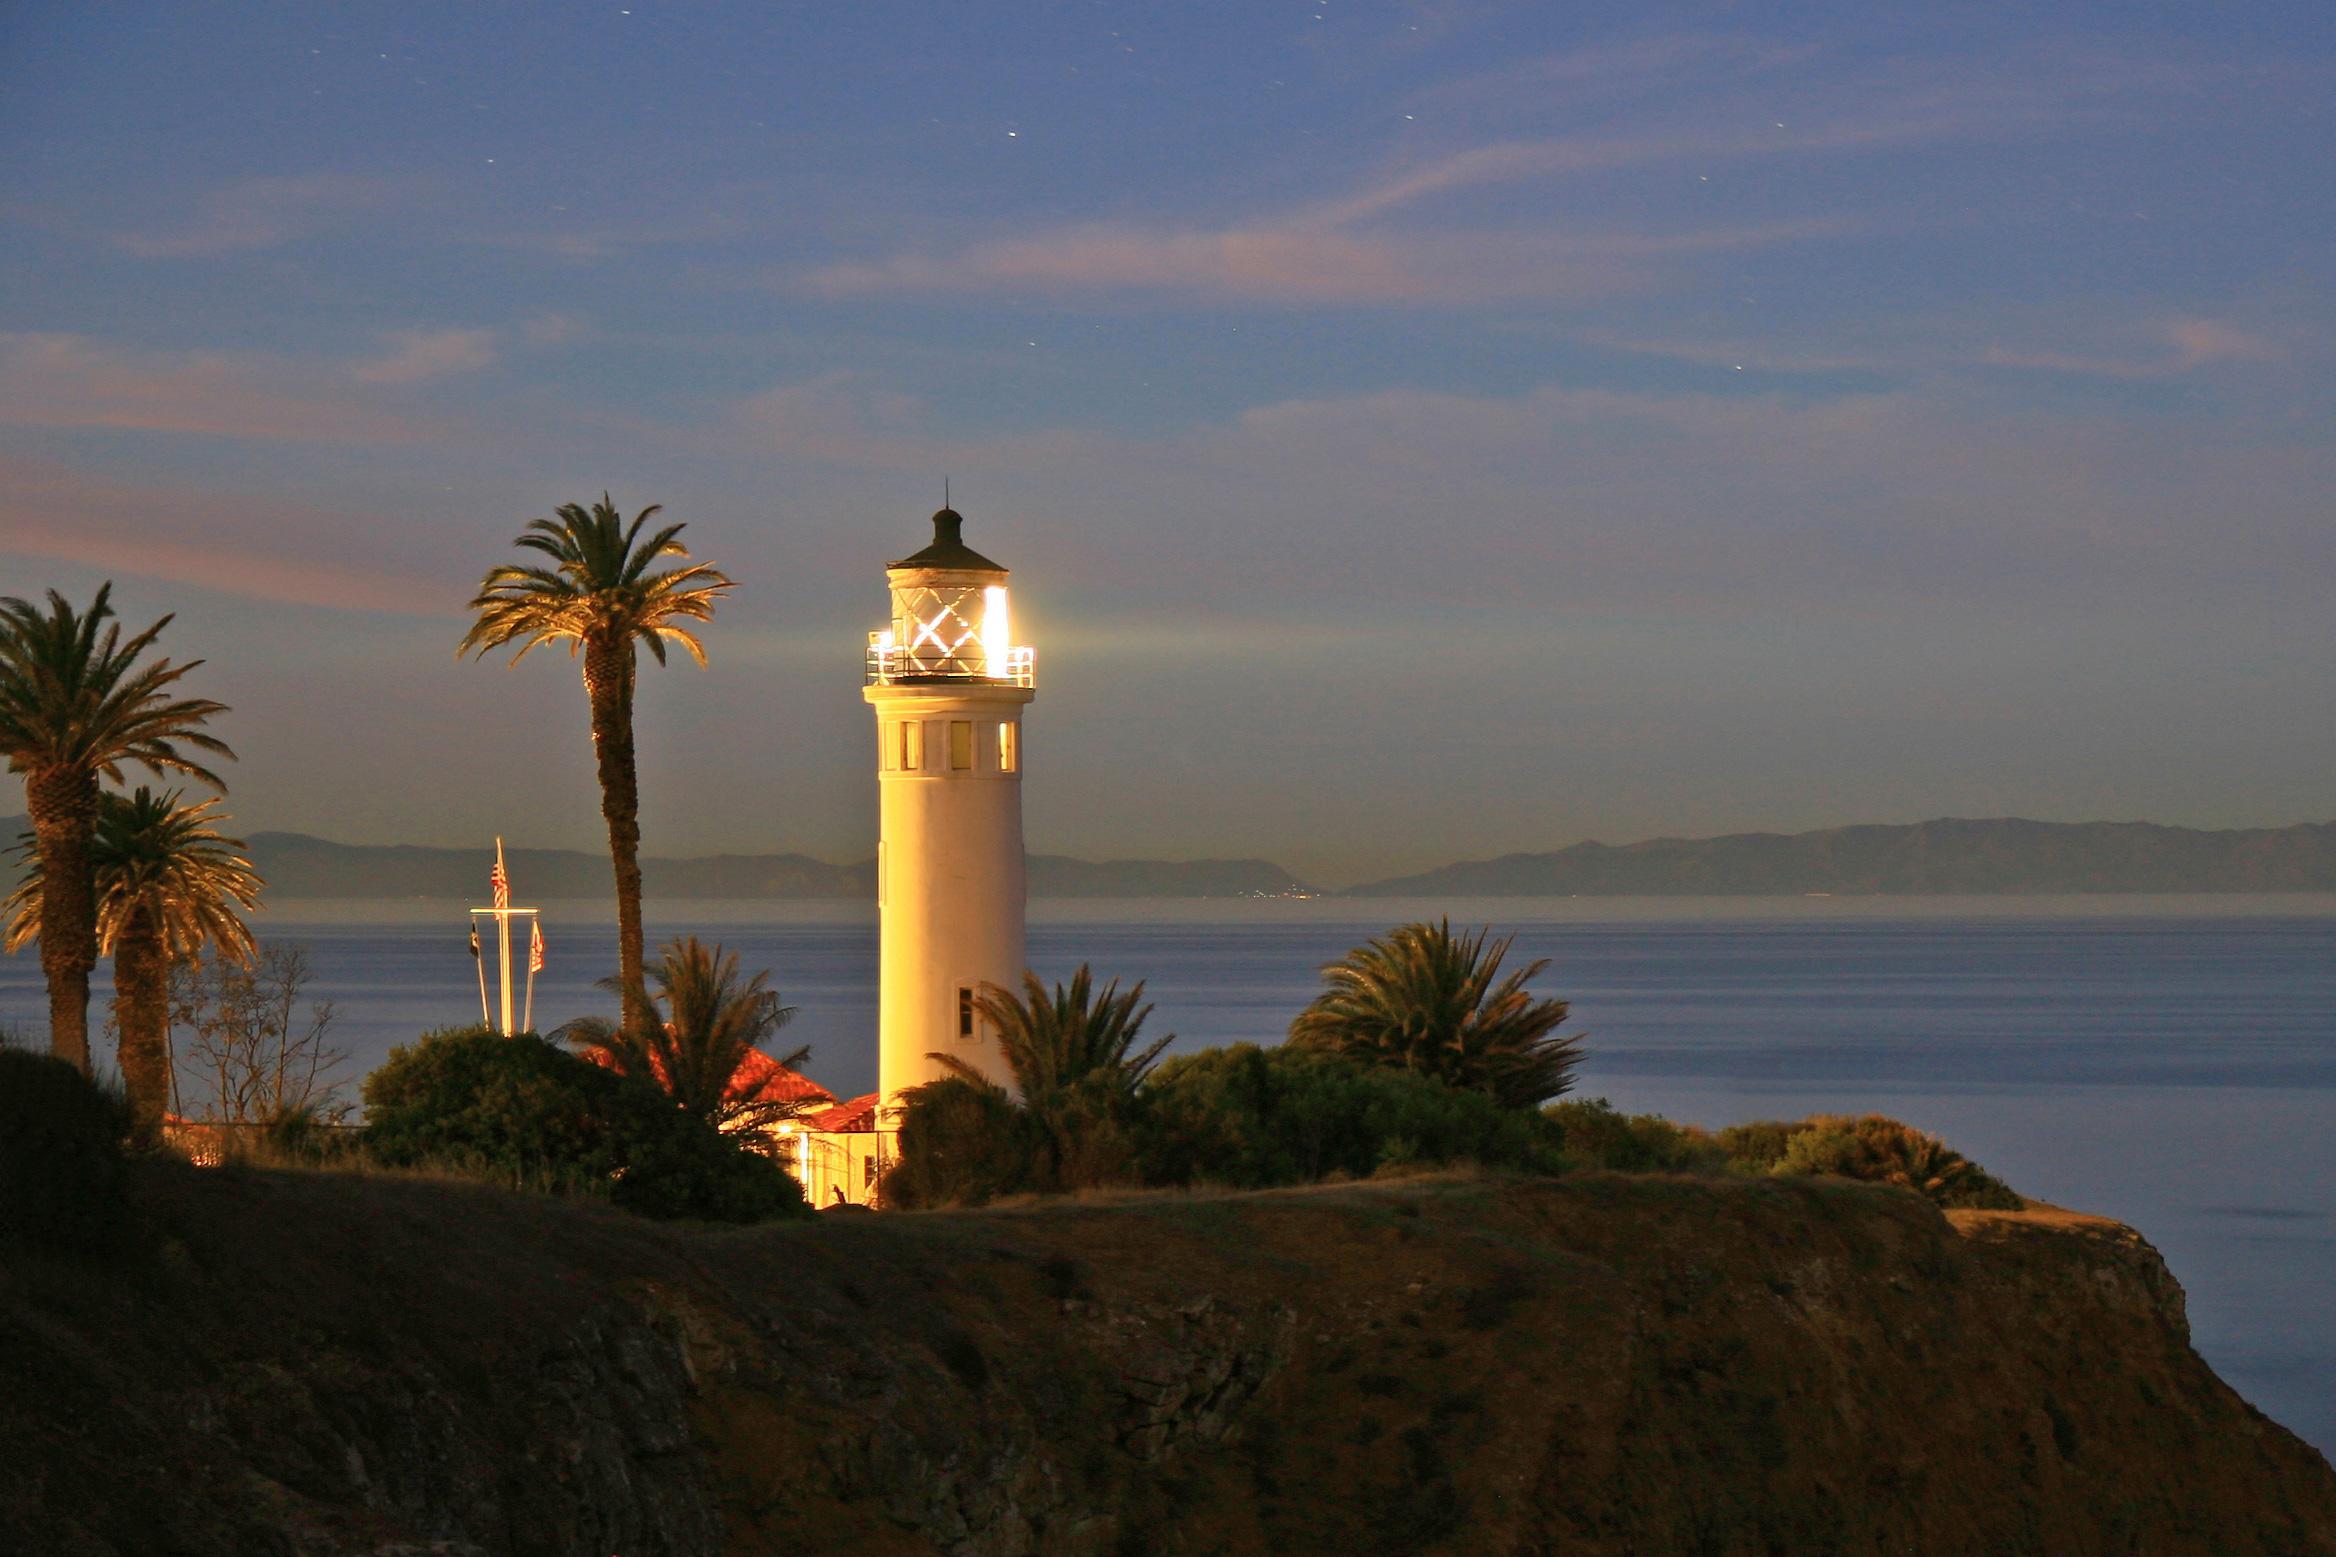 ADT Rancho Palos Verdes CA Home Security Company